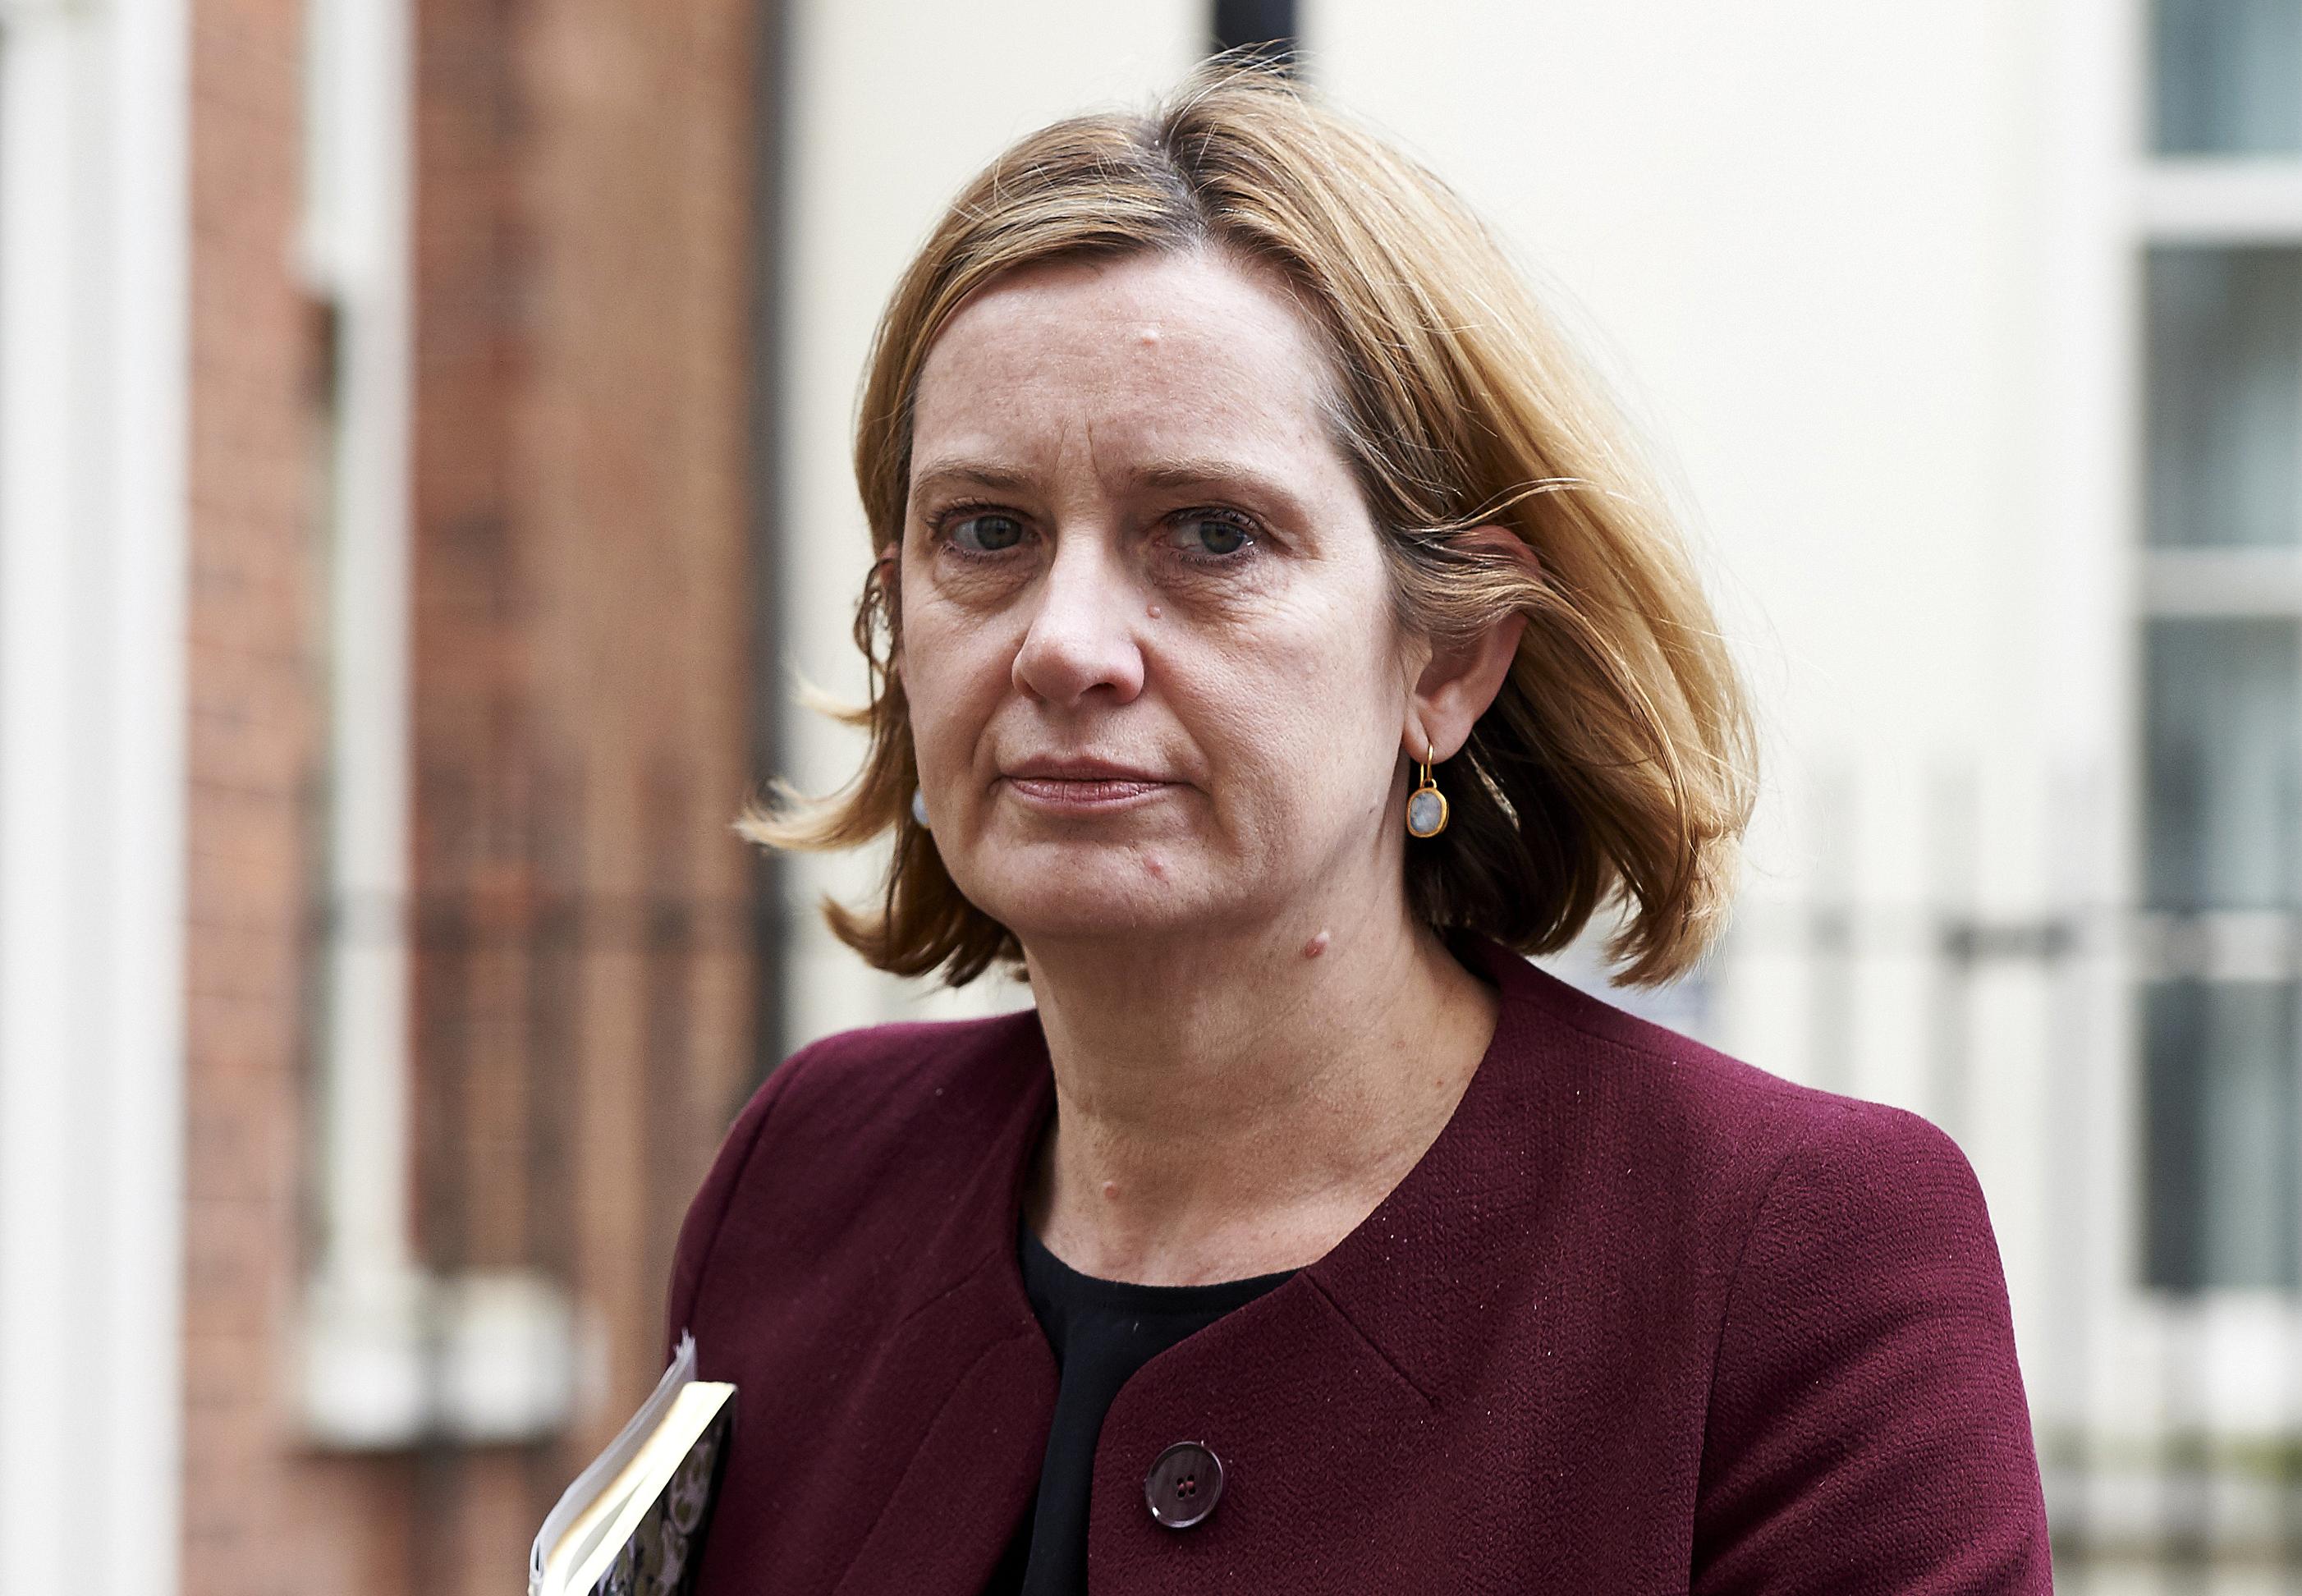 Össze-vissza beszélt a kitoloncolásokról, lemondott a brit belügyminiszter